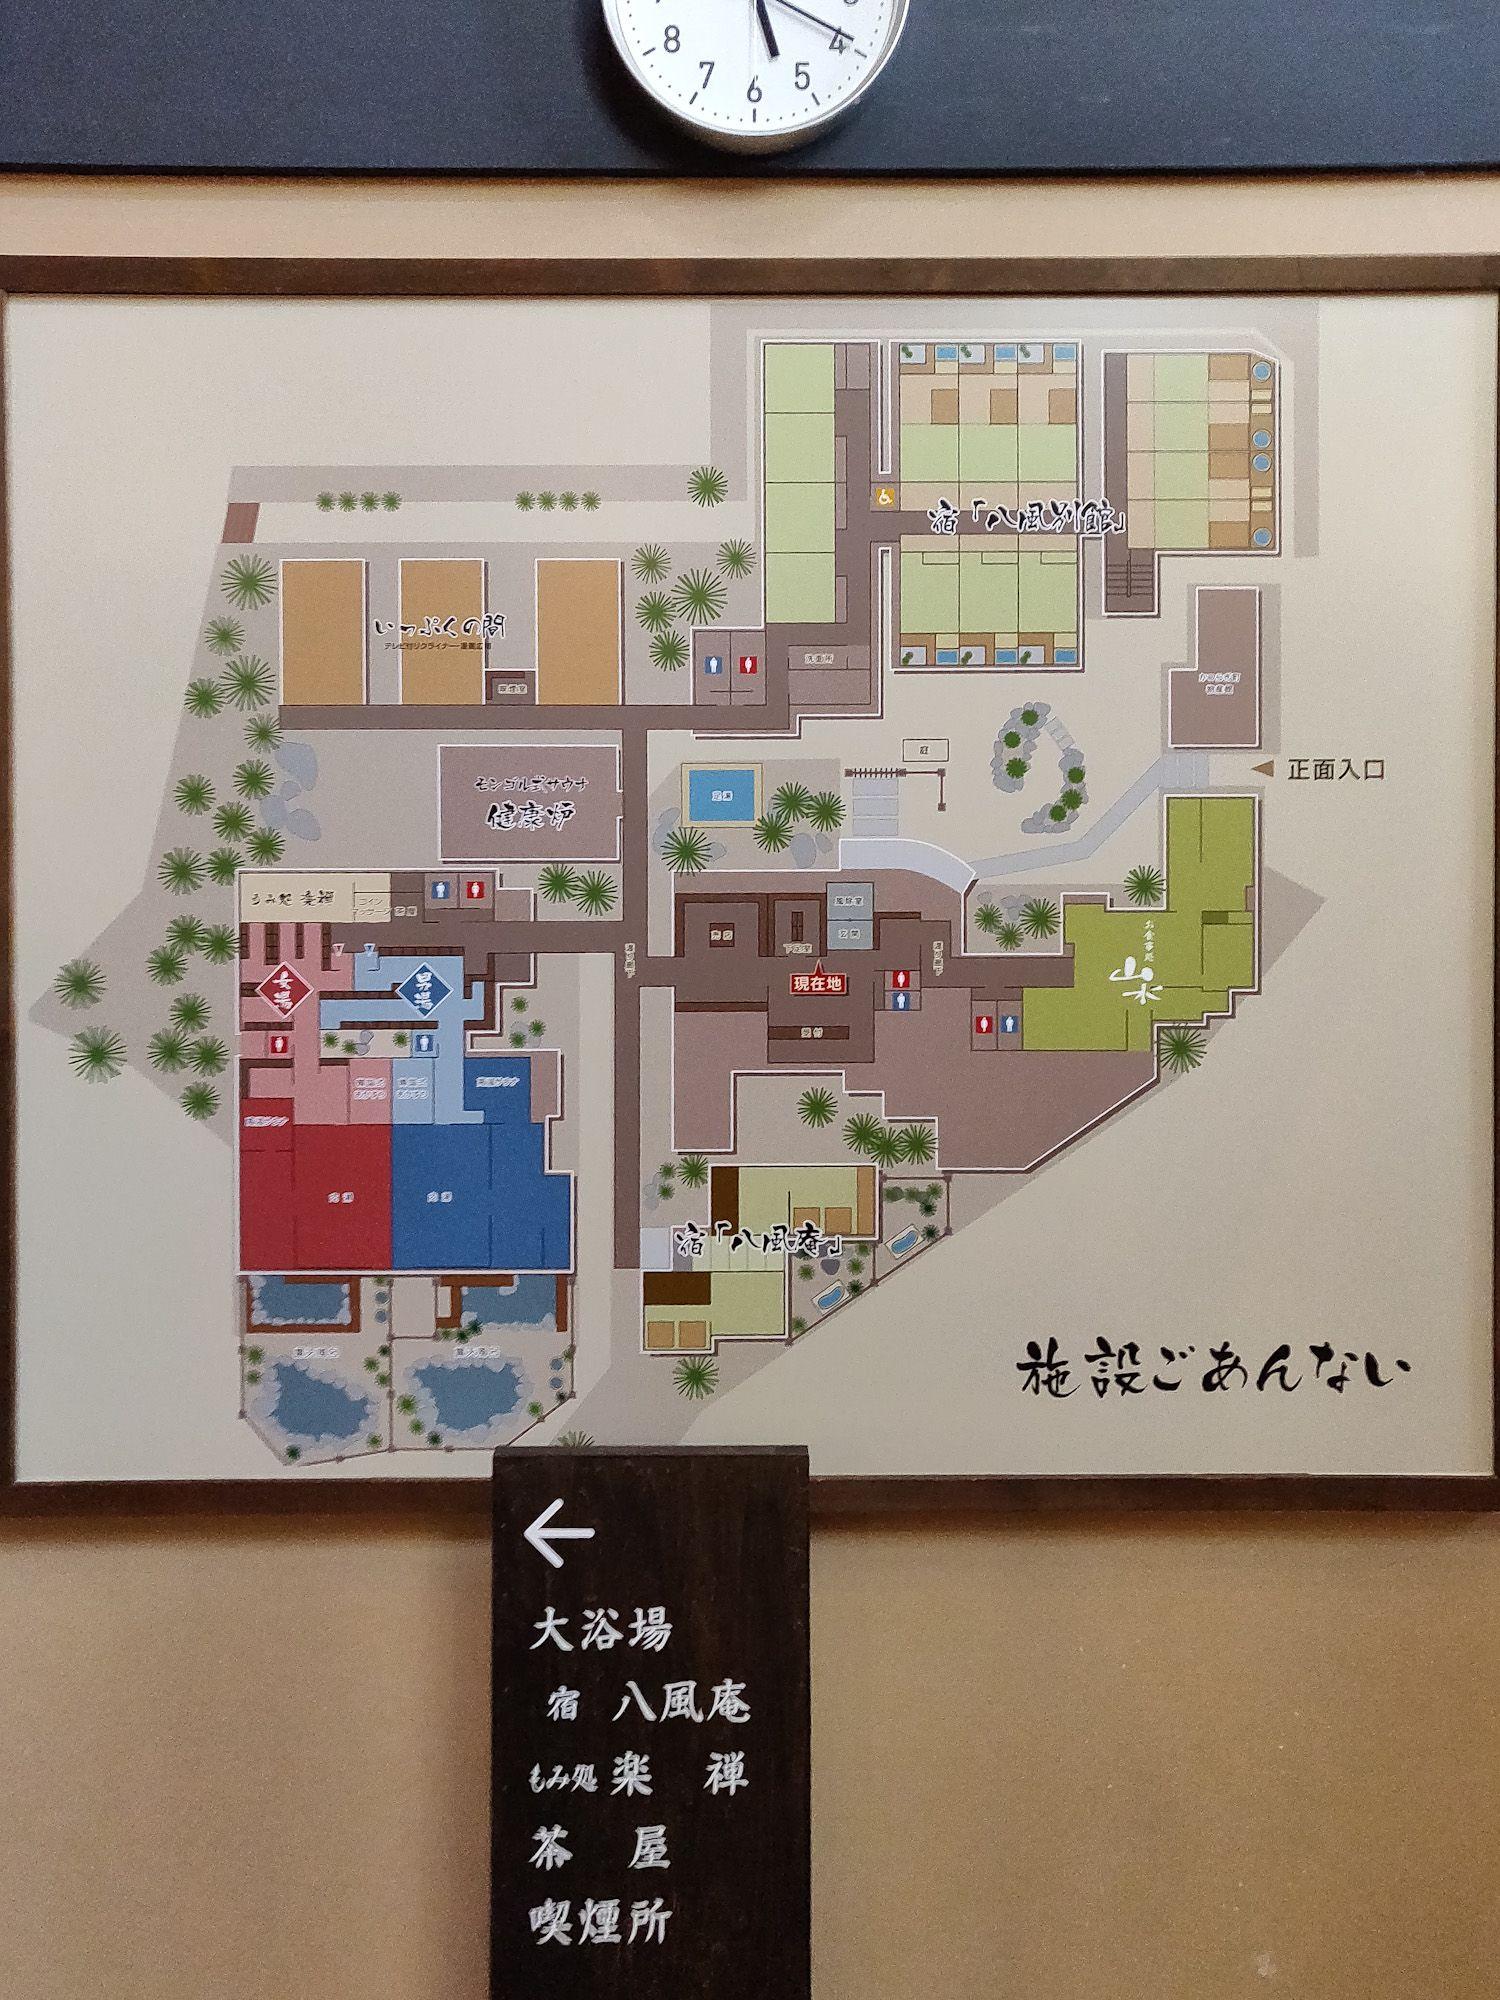 かつらぎ温泉八風の湯 館内図